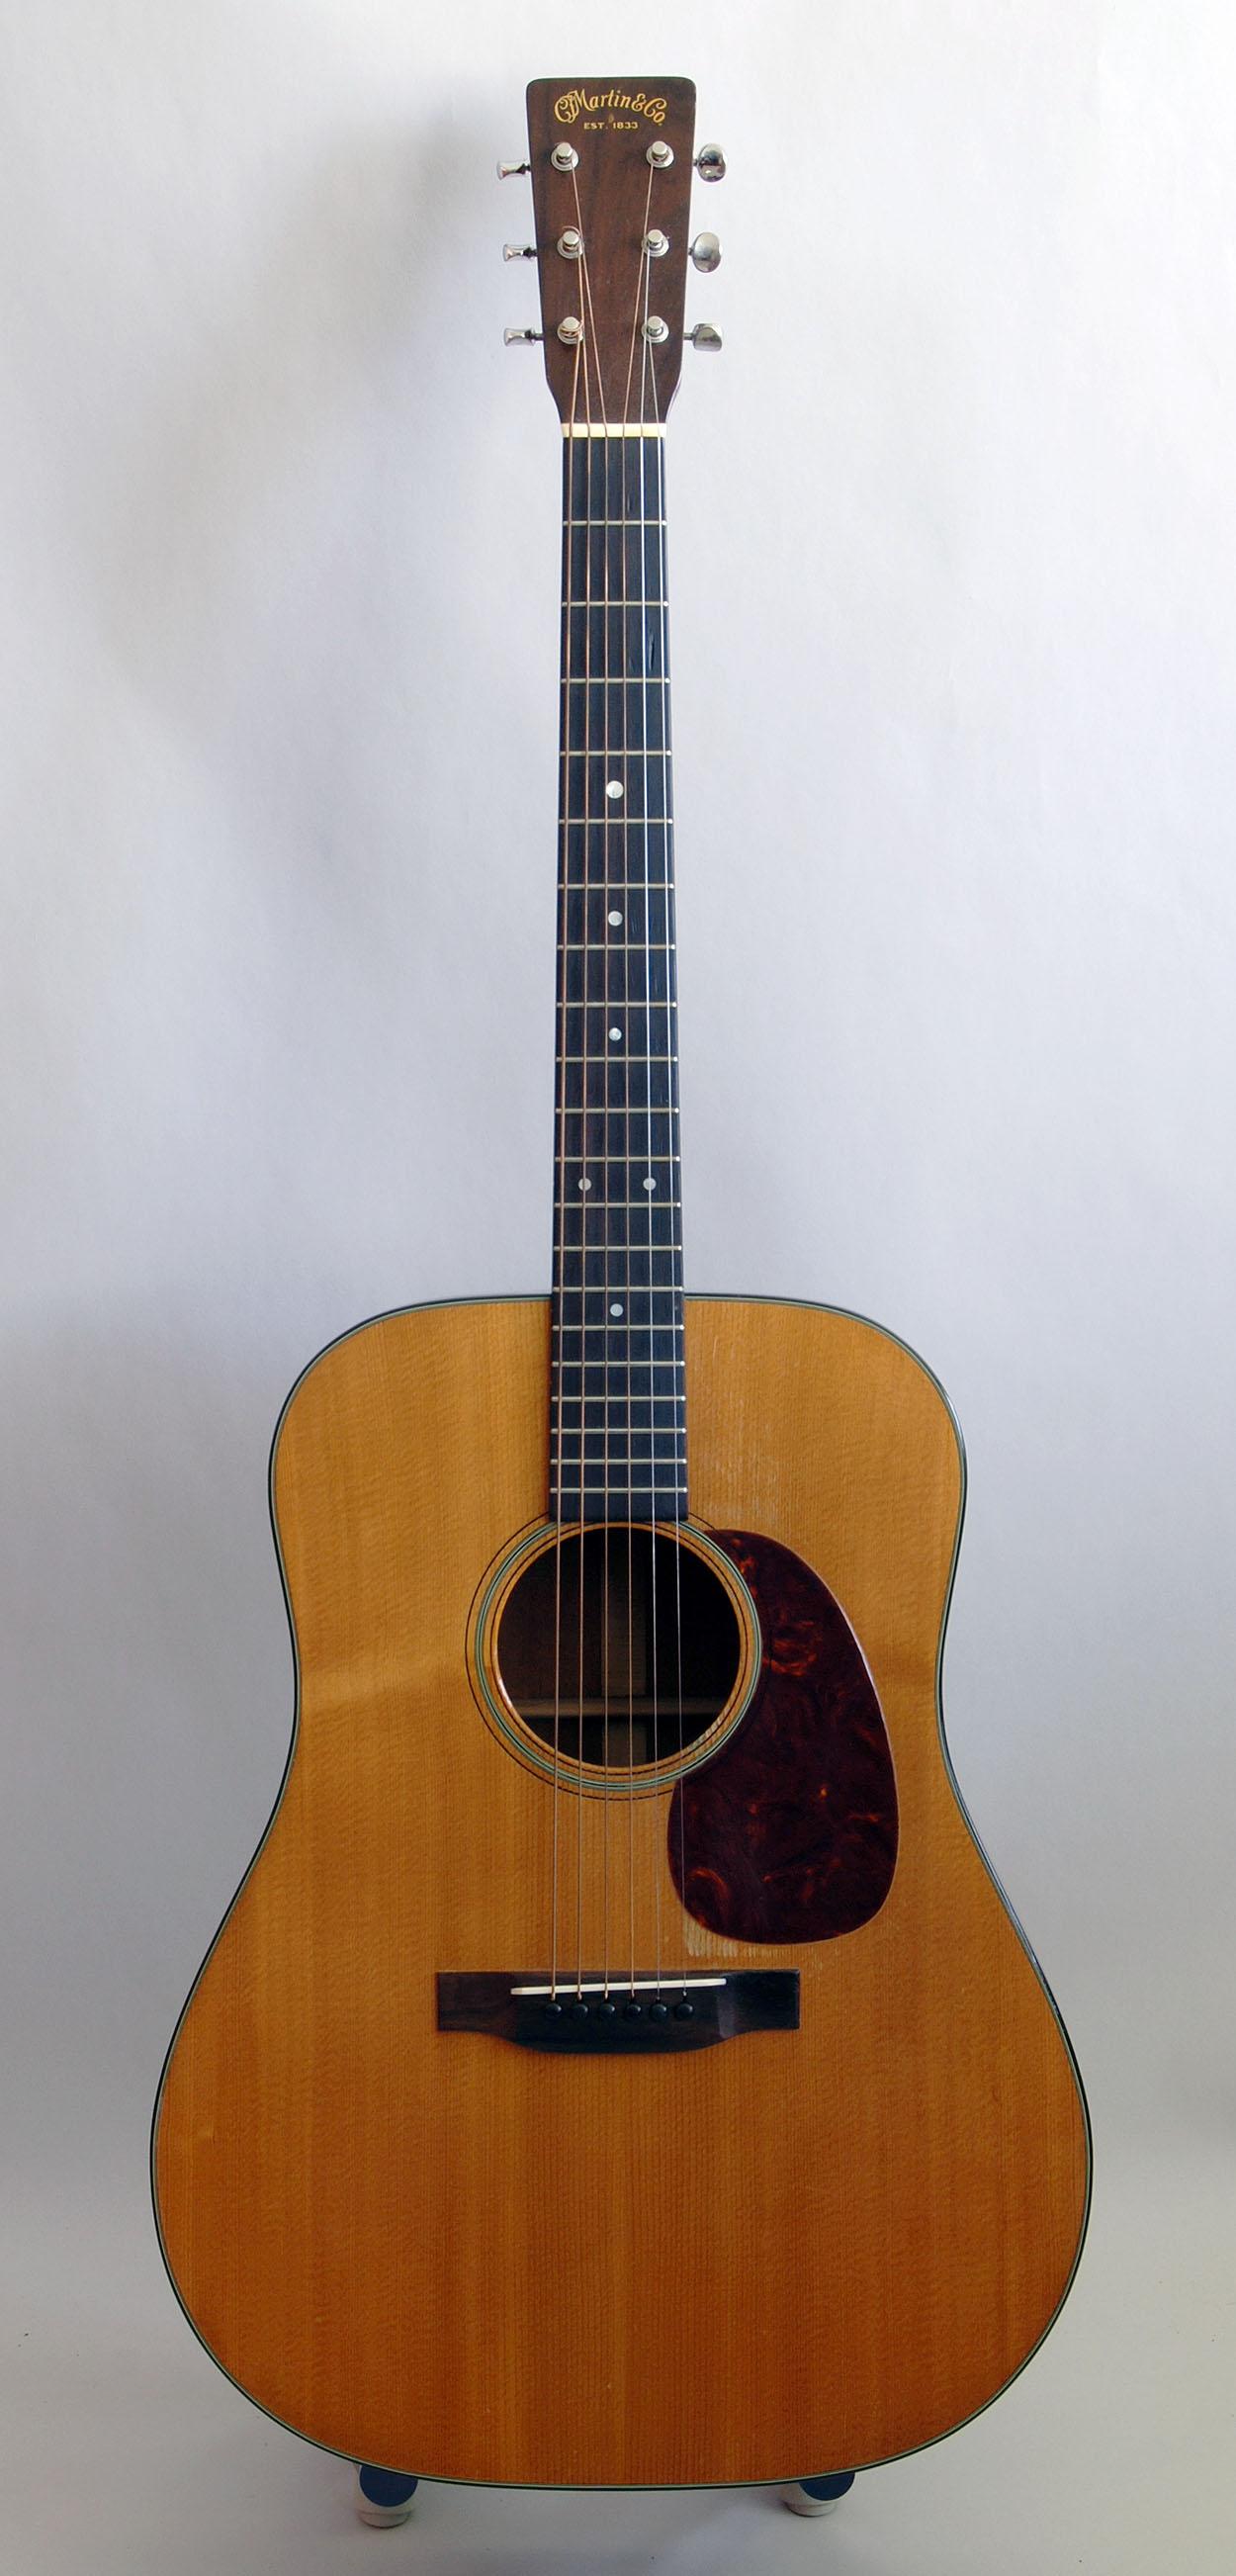 martin d 18 guitar for sale. Black Bedroom Furniture Sets. Home Design Ideas